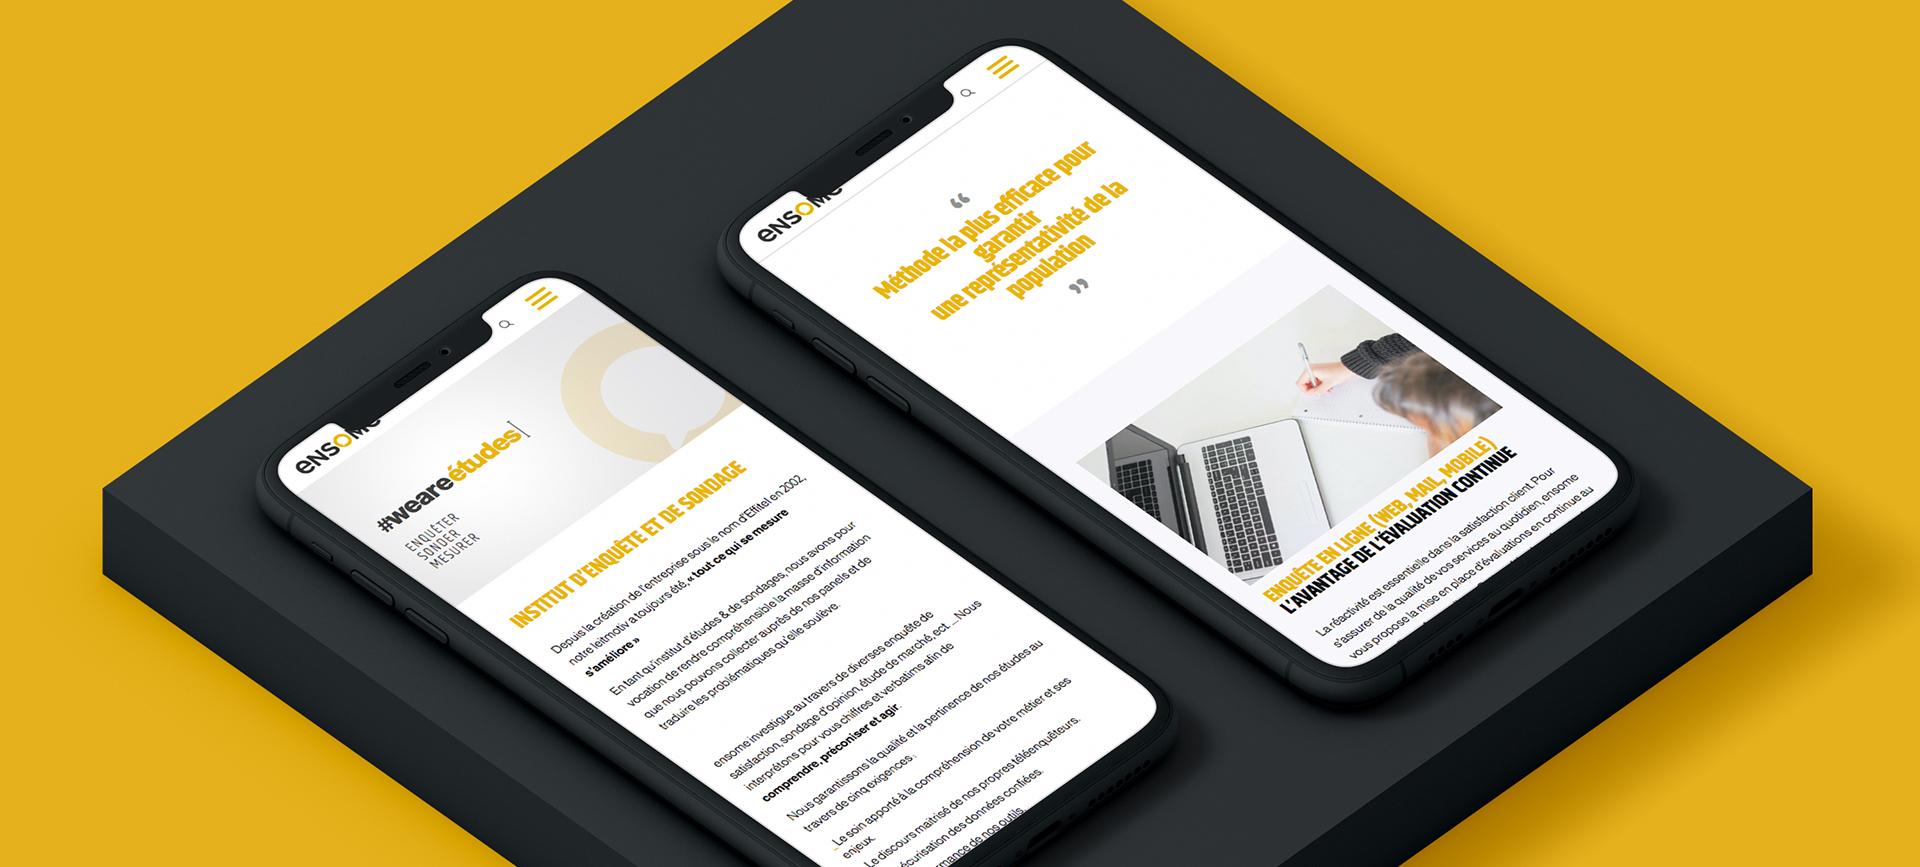 Bandeau mockup présentant le site internet Ensome sur mobile